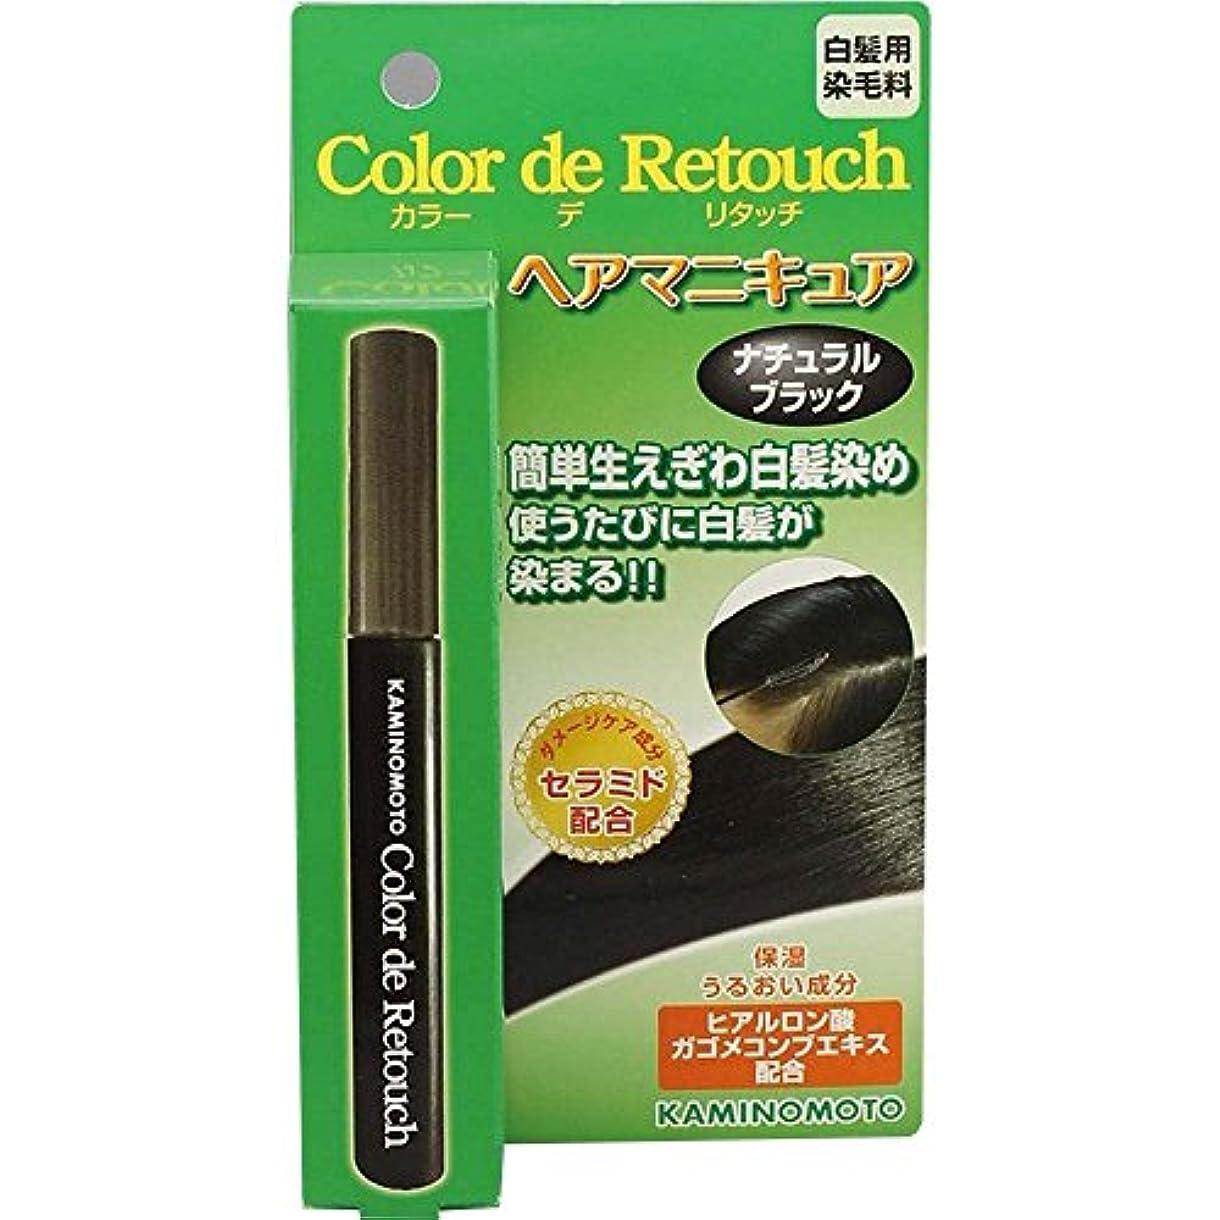 吸収絶妙贅沢な加美乃素 カラー デ リタッチ ナチュラルブラック 10mL×6個